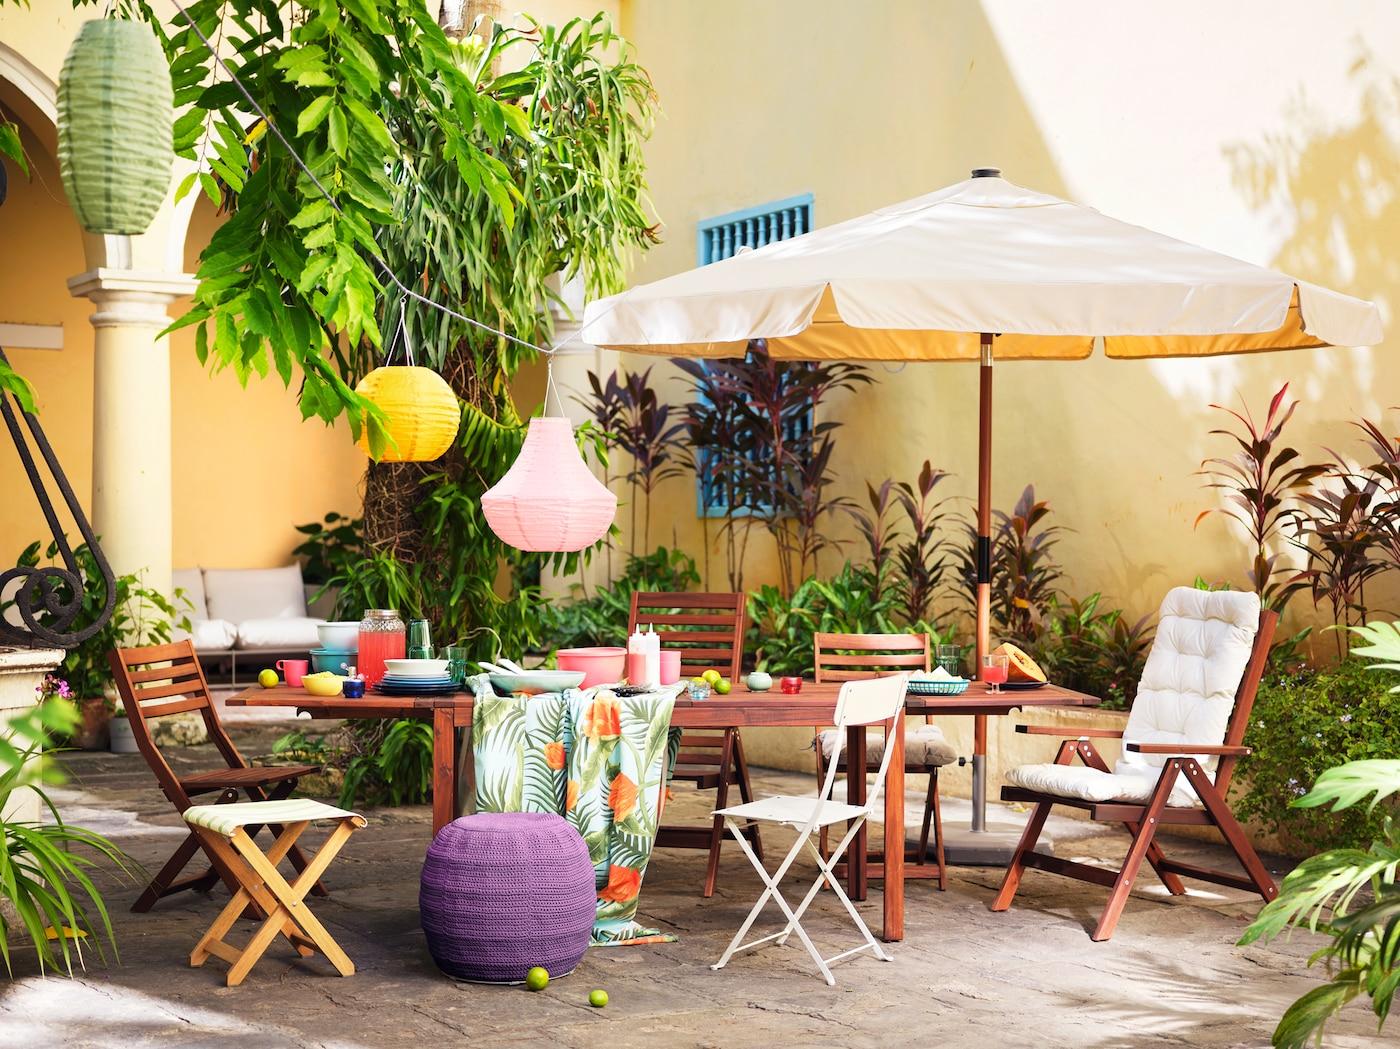 Tavolo in legno e varie sedie in uno spazio aperto davanti a un muro giallo, un ombrellone da esterno e lampade colorate - IKEA